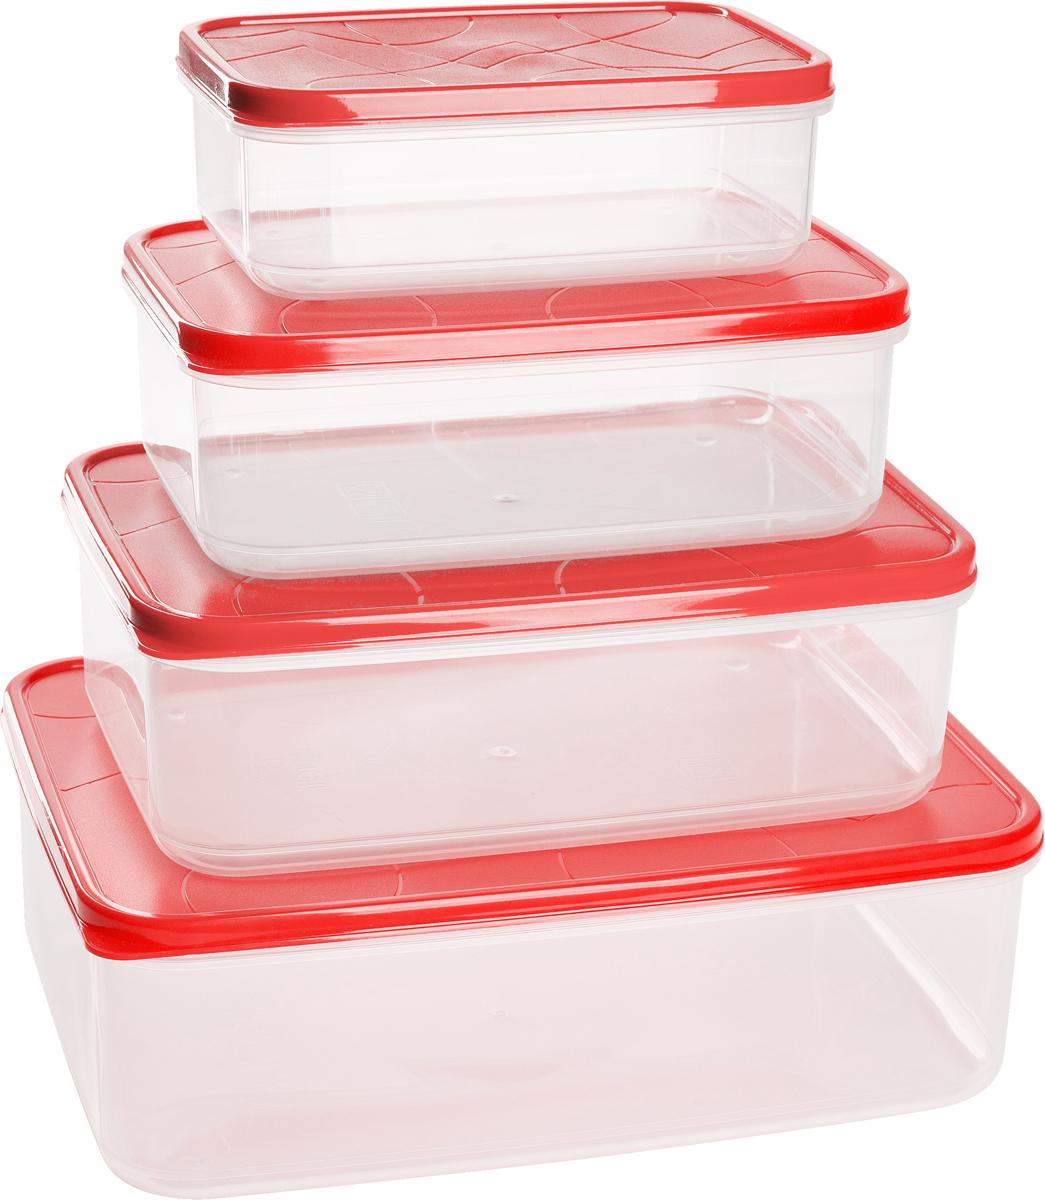 Набор контейнеров для продуктов Giaretti Vitamino, цвет: клубничный лед, 4 штGR1857КЛГерметичные контейнеры от Giaretti имеют целый ряд преимуществ:контейнер подходит для хранения продуктов в морозильной камере, а также для разогрева вмикроволновой печи;благодаря воздухонепроницаемой крышке продукты хранятся дольше; разные литражи и формы контейнеров.Контейнеры вкладываются друг в друга по принципу матрешки экономя пространство прихранении.Объем контейнеров: 0,5 л, 1 л, 1,5 л, 2,5 л.